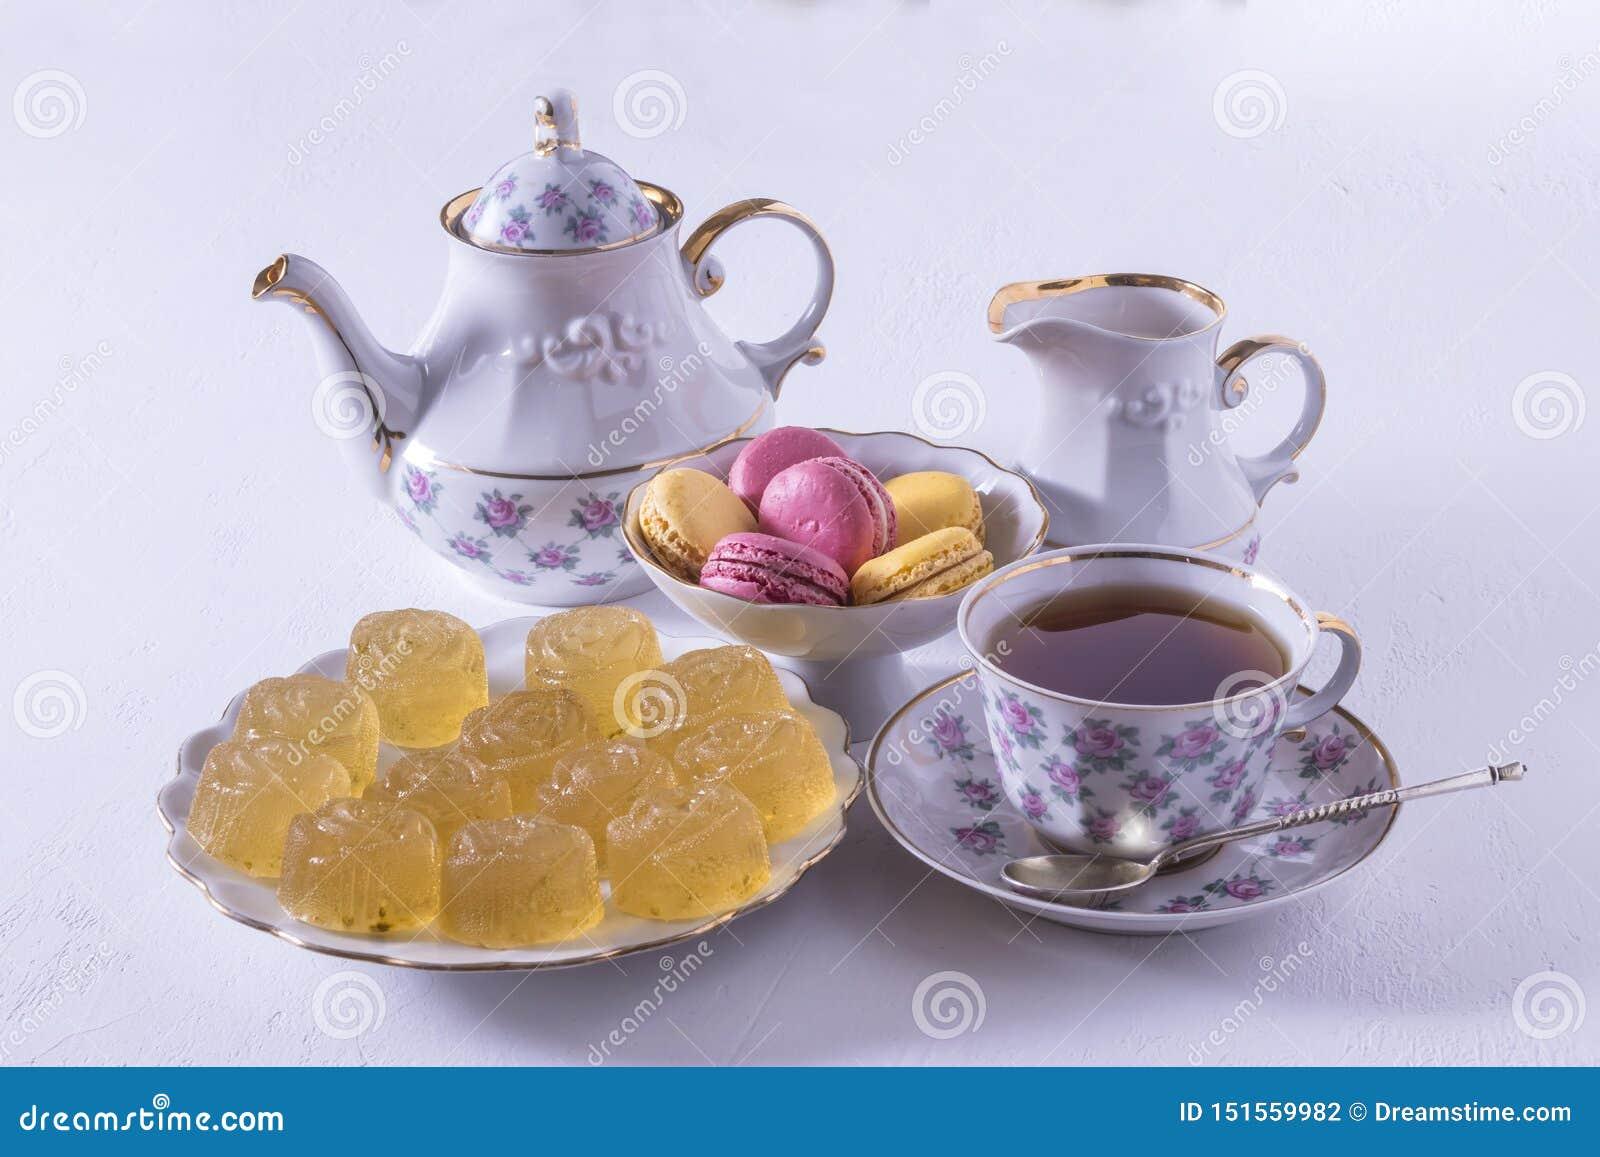 瓷茶具用牛奶、通心面和橘子果酱、牛奶罐、茶杯、茶杯,胶粘的糖果